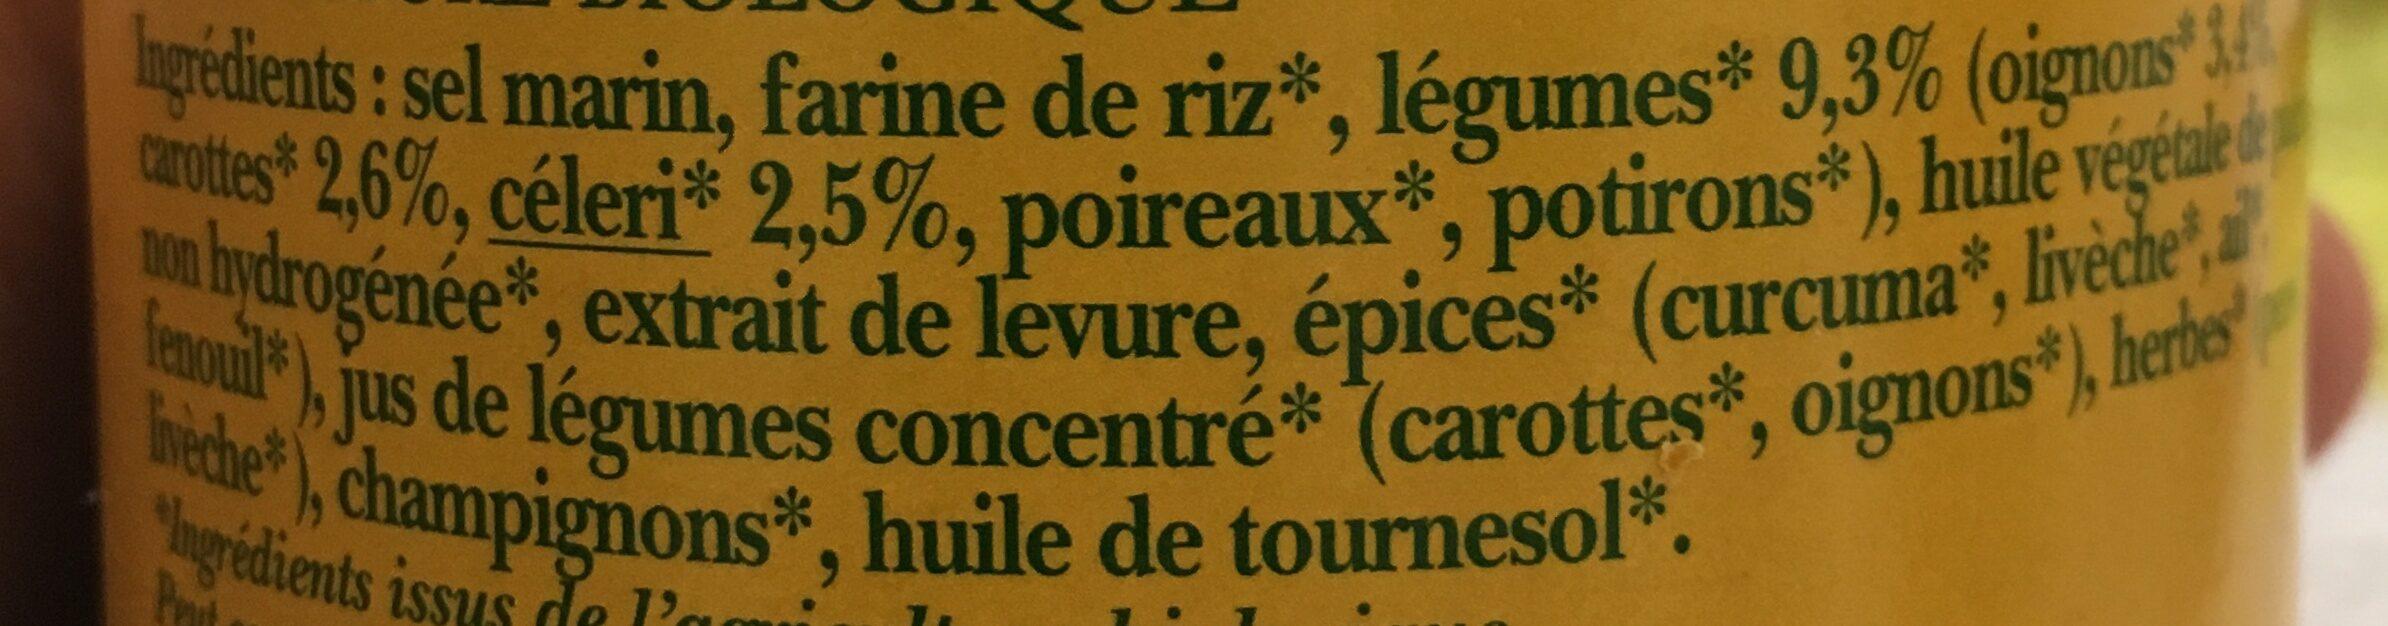 Bouillon Legumes - Ingrediënten